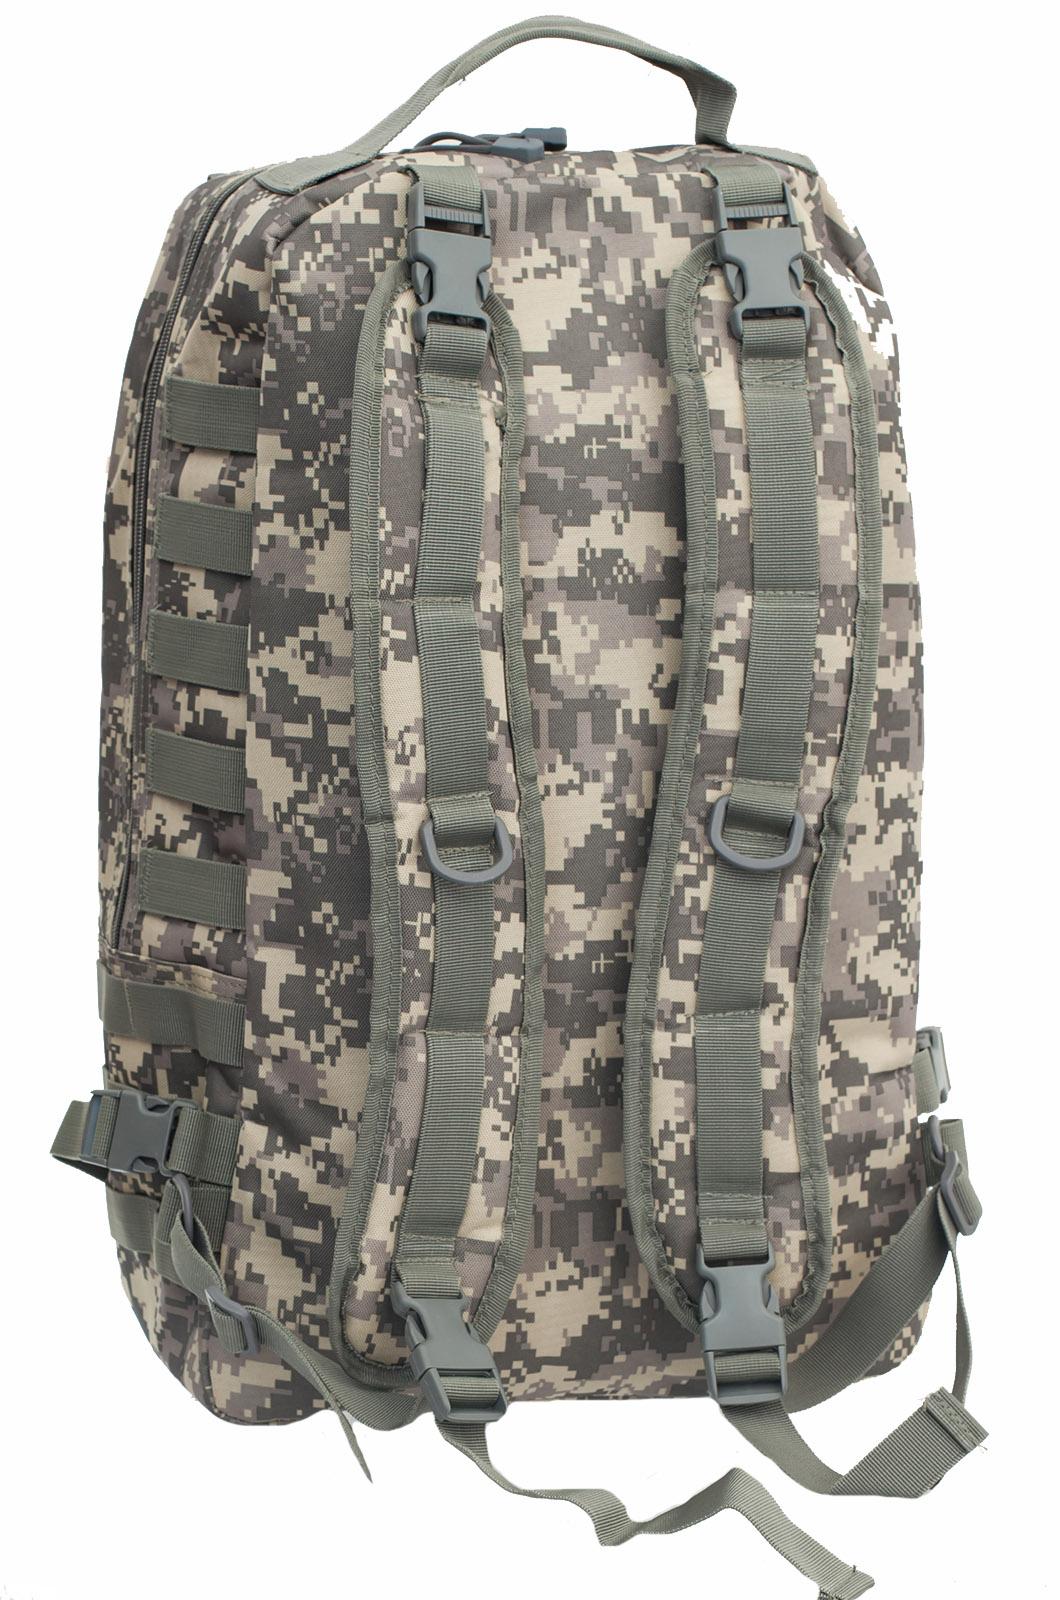 Камуфлированный крутой рюкзак с нашивкой Лучший Охотник - заказать в Военпро